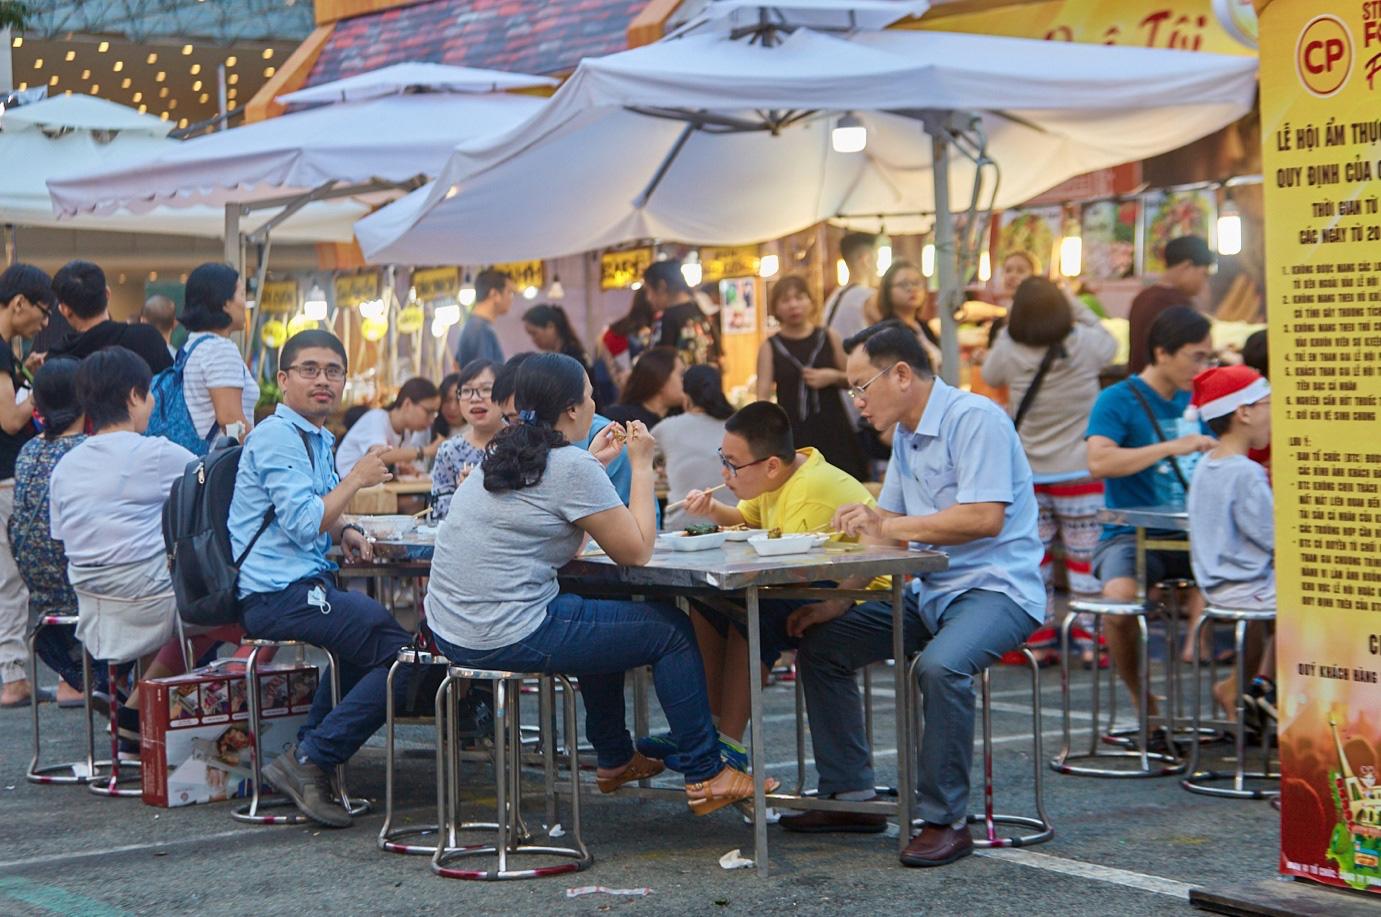 """5 con số """"biết nói"""" chứng minh độ hot hit của lễ hội ẩm thực thu hút gần 50.000 lượt khách trải nghiệm - Ảnh 7."""